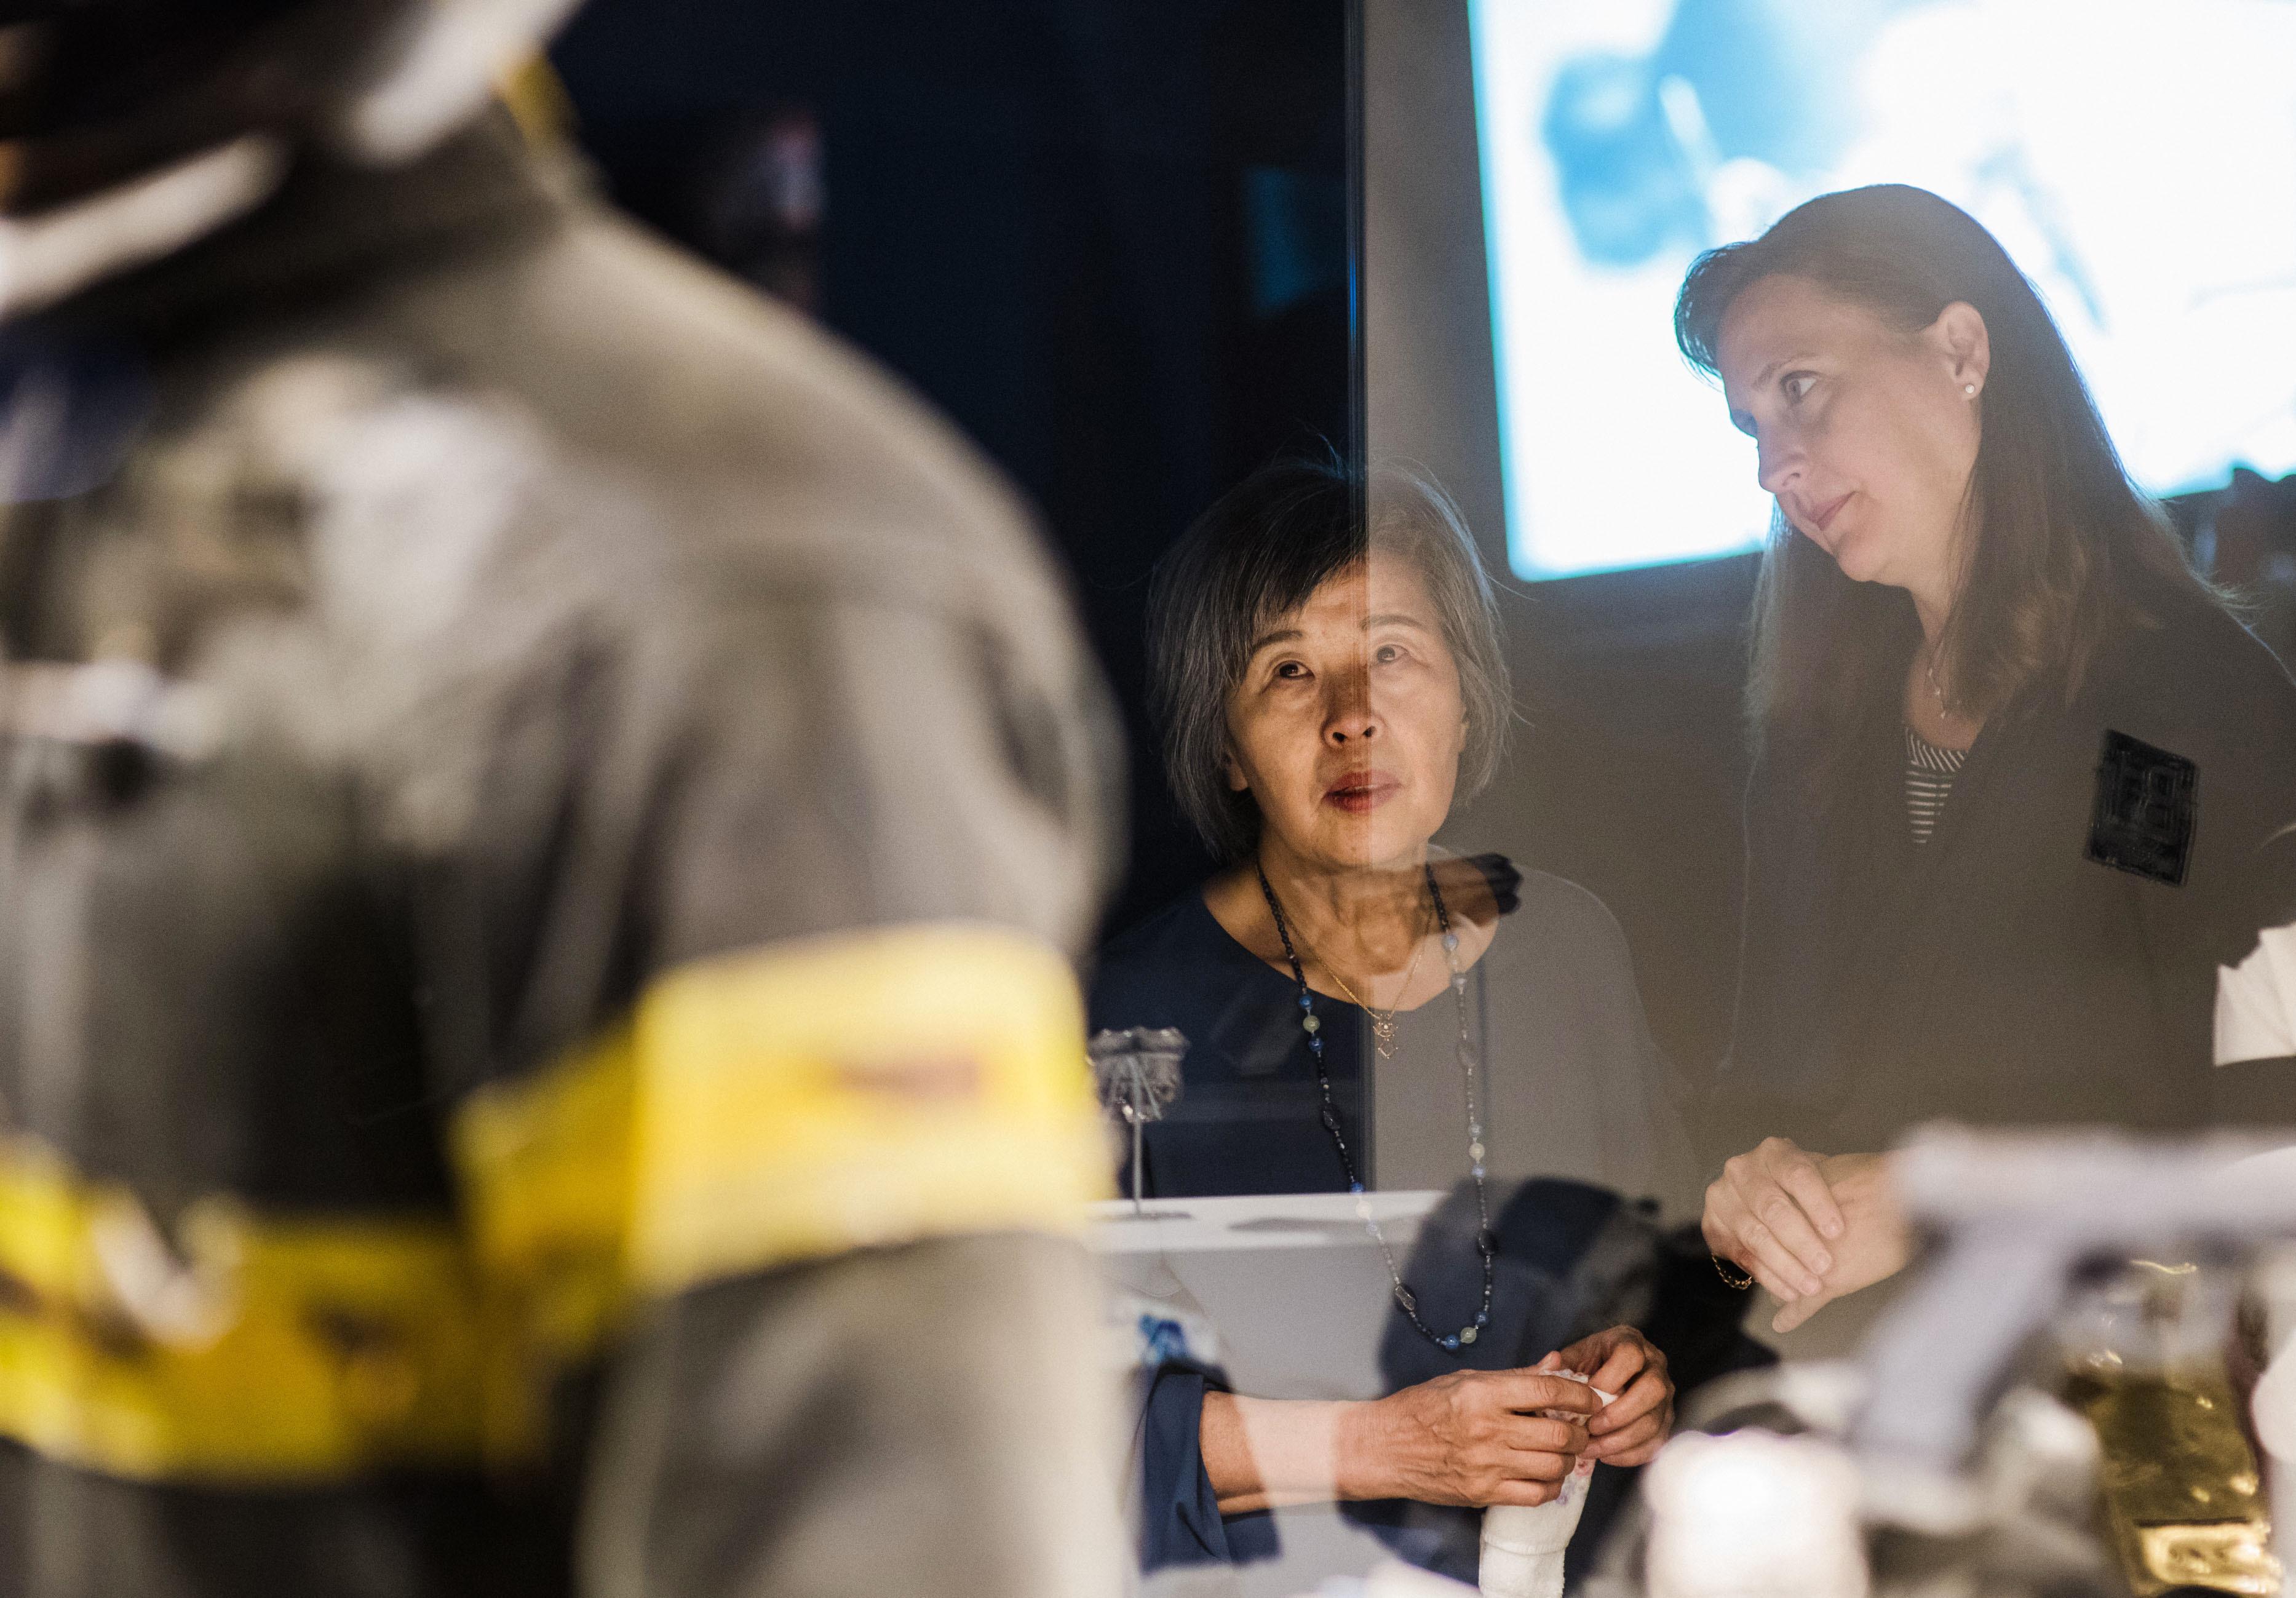 「9・11トリビュート博物館」でリー・イエルピ家族会会長の息子ジョナサンの遺品に言葉を失う高橋シズヱ(左)。消防服の背中は大きく裂けており、同時テロのビル倒壊の激しさを物語っていた=米ニューヨーク(撮影・ライアン・クリストファー・ジョーンズ、共同)